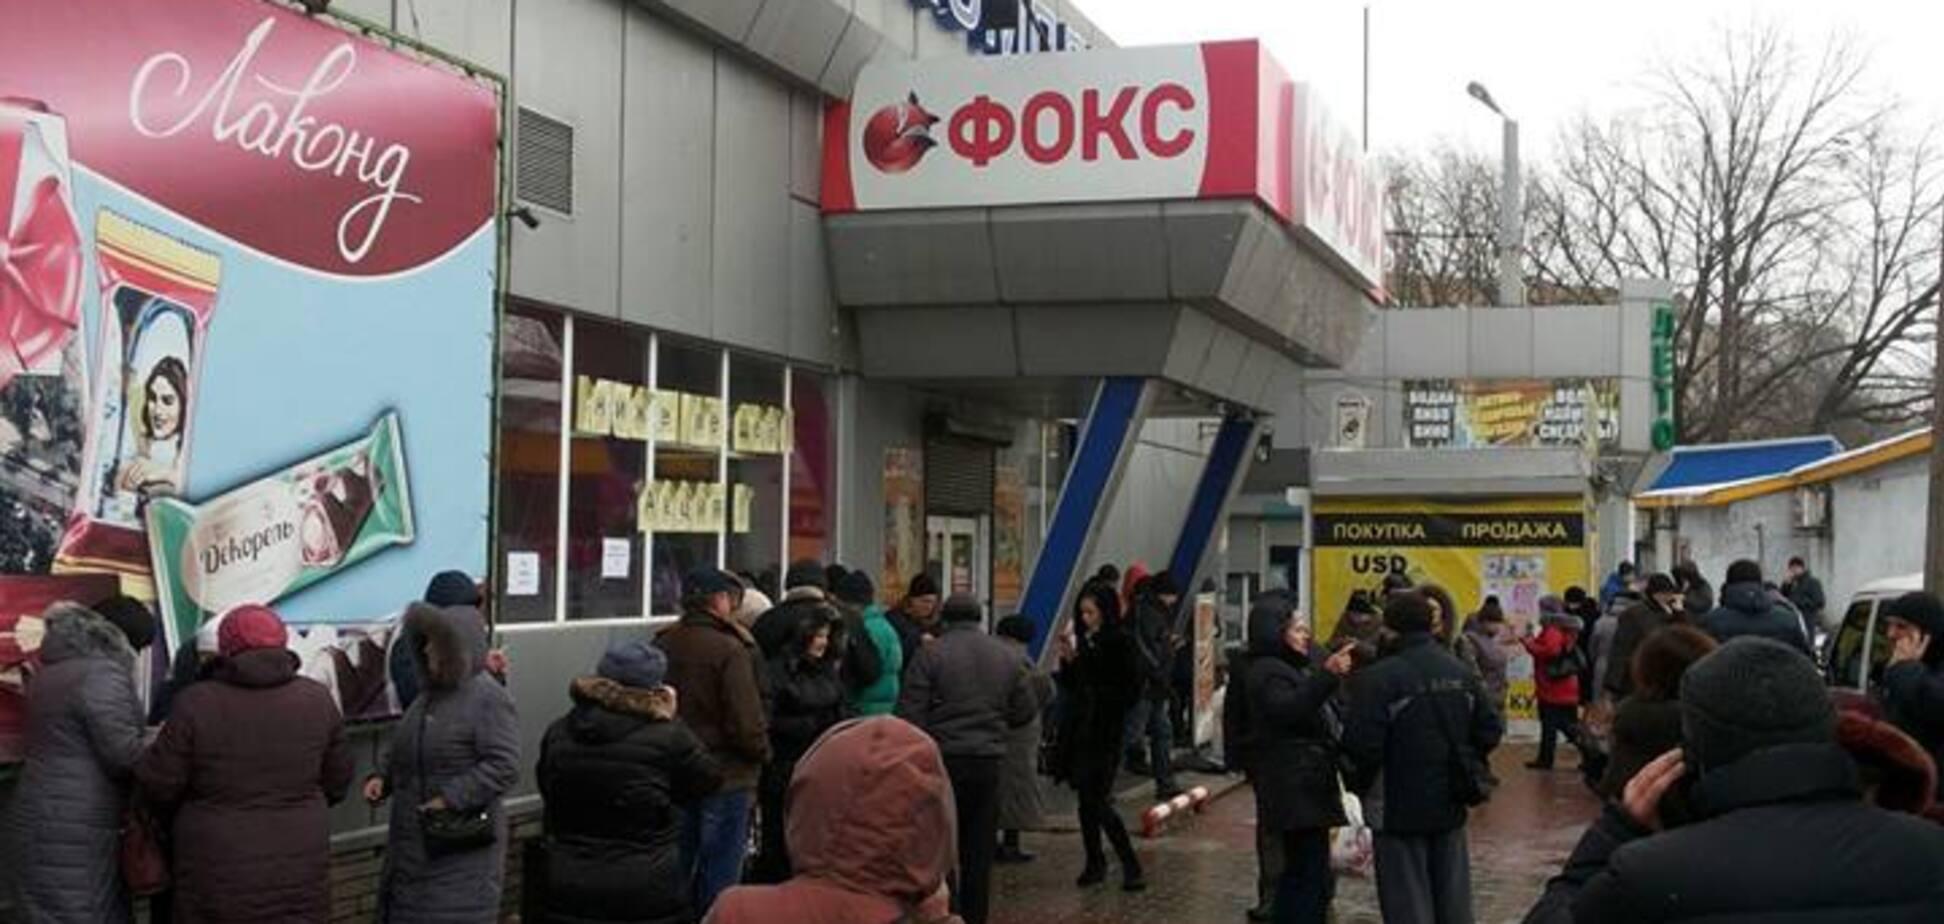 Отброшены в 80-е: блогер показал, во что Захарченко превратил Донецк